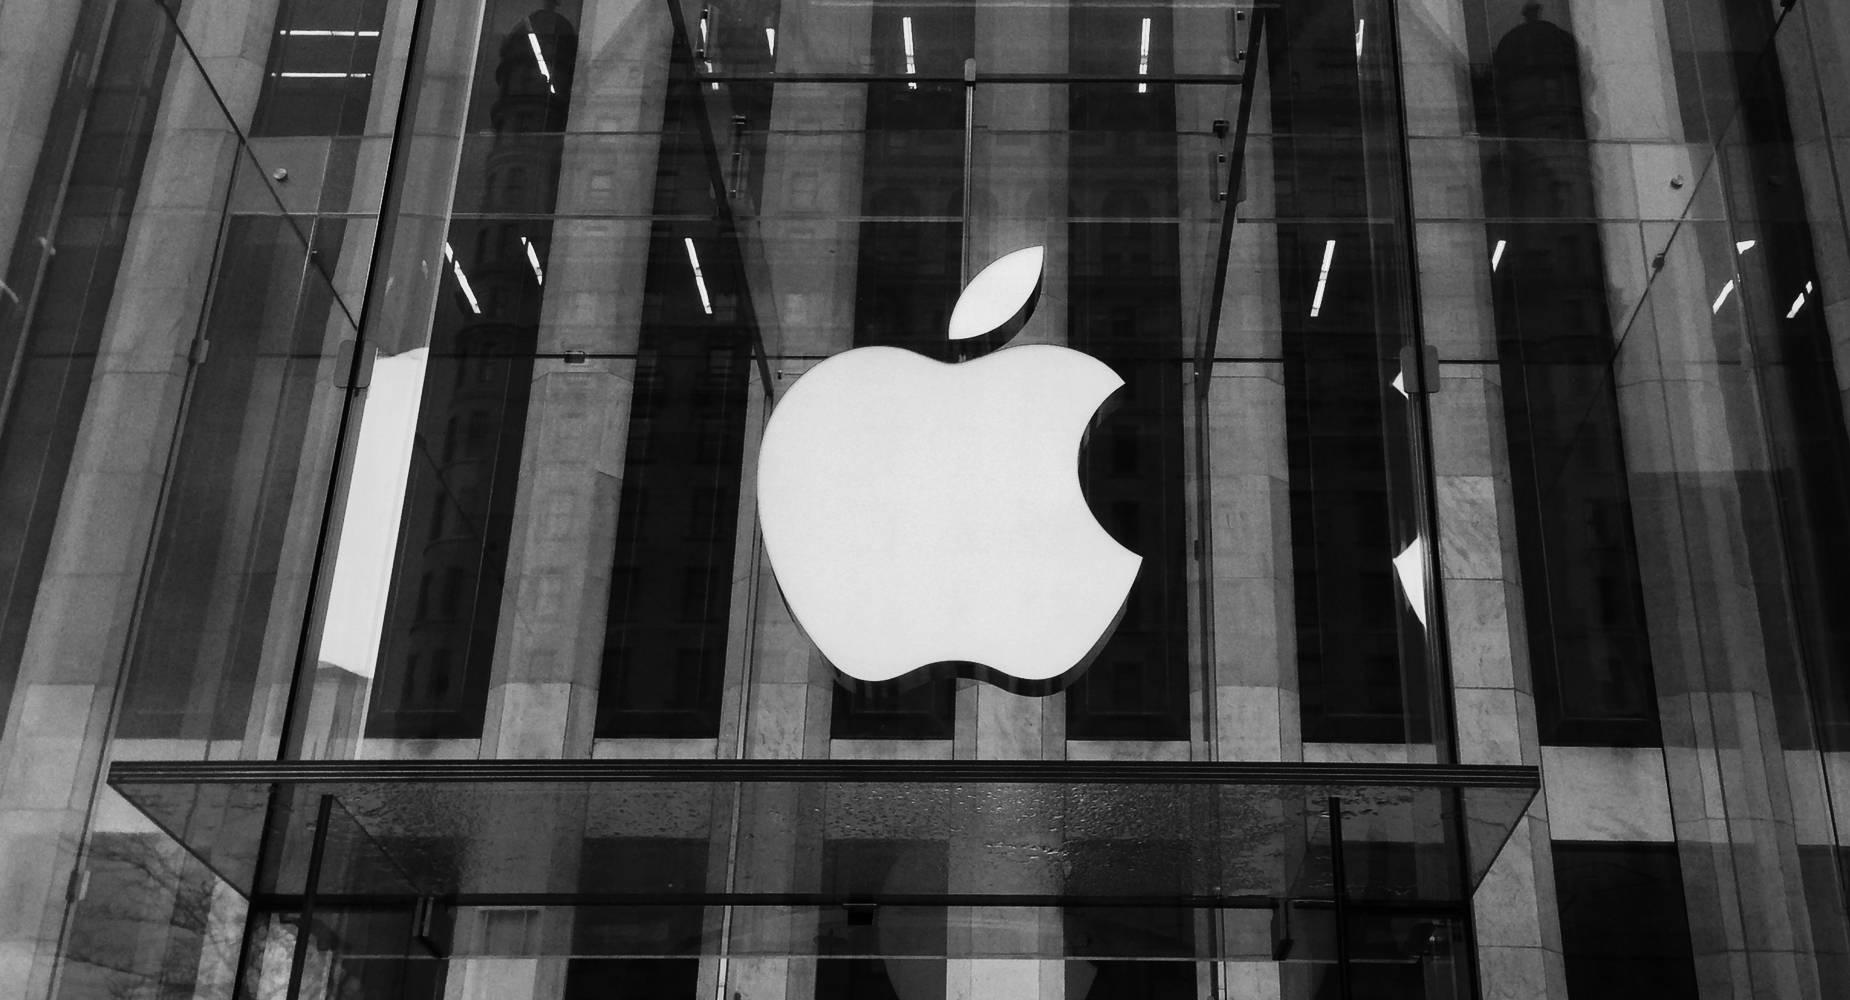 Hakerzy stworzyli narzędzie, które pozwala na włamanie się do iCloud